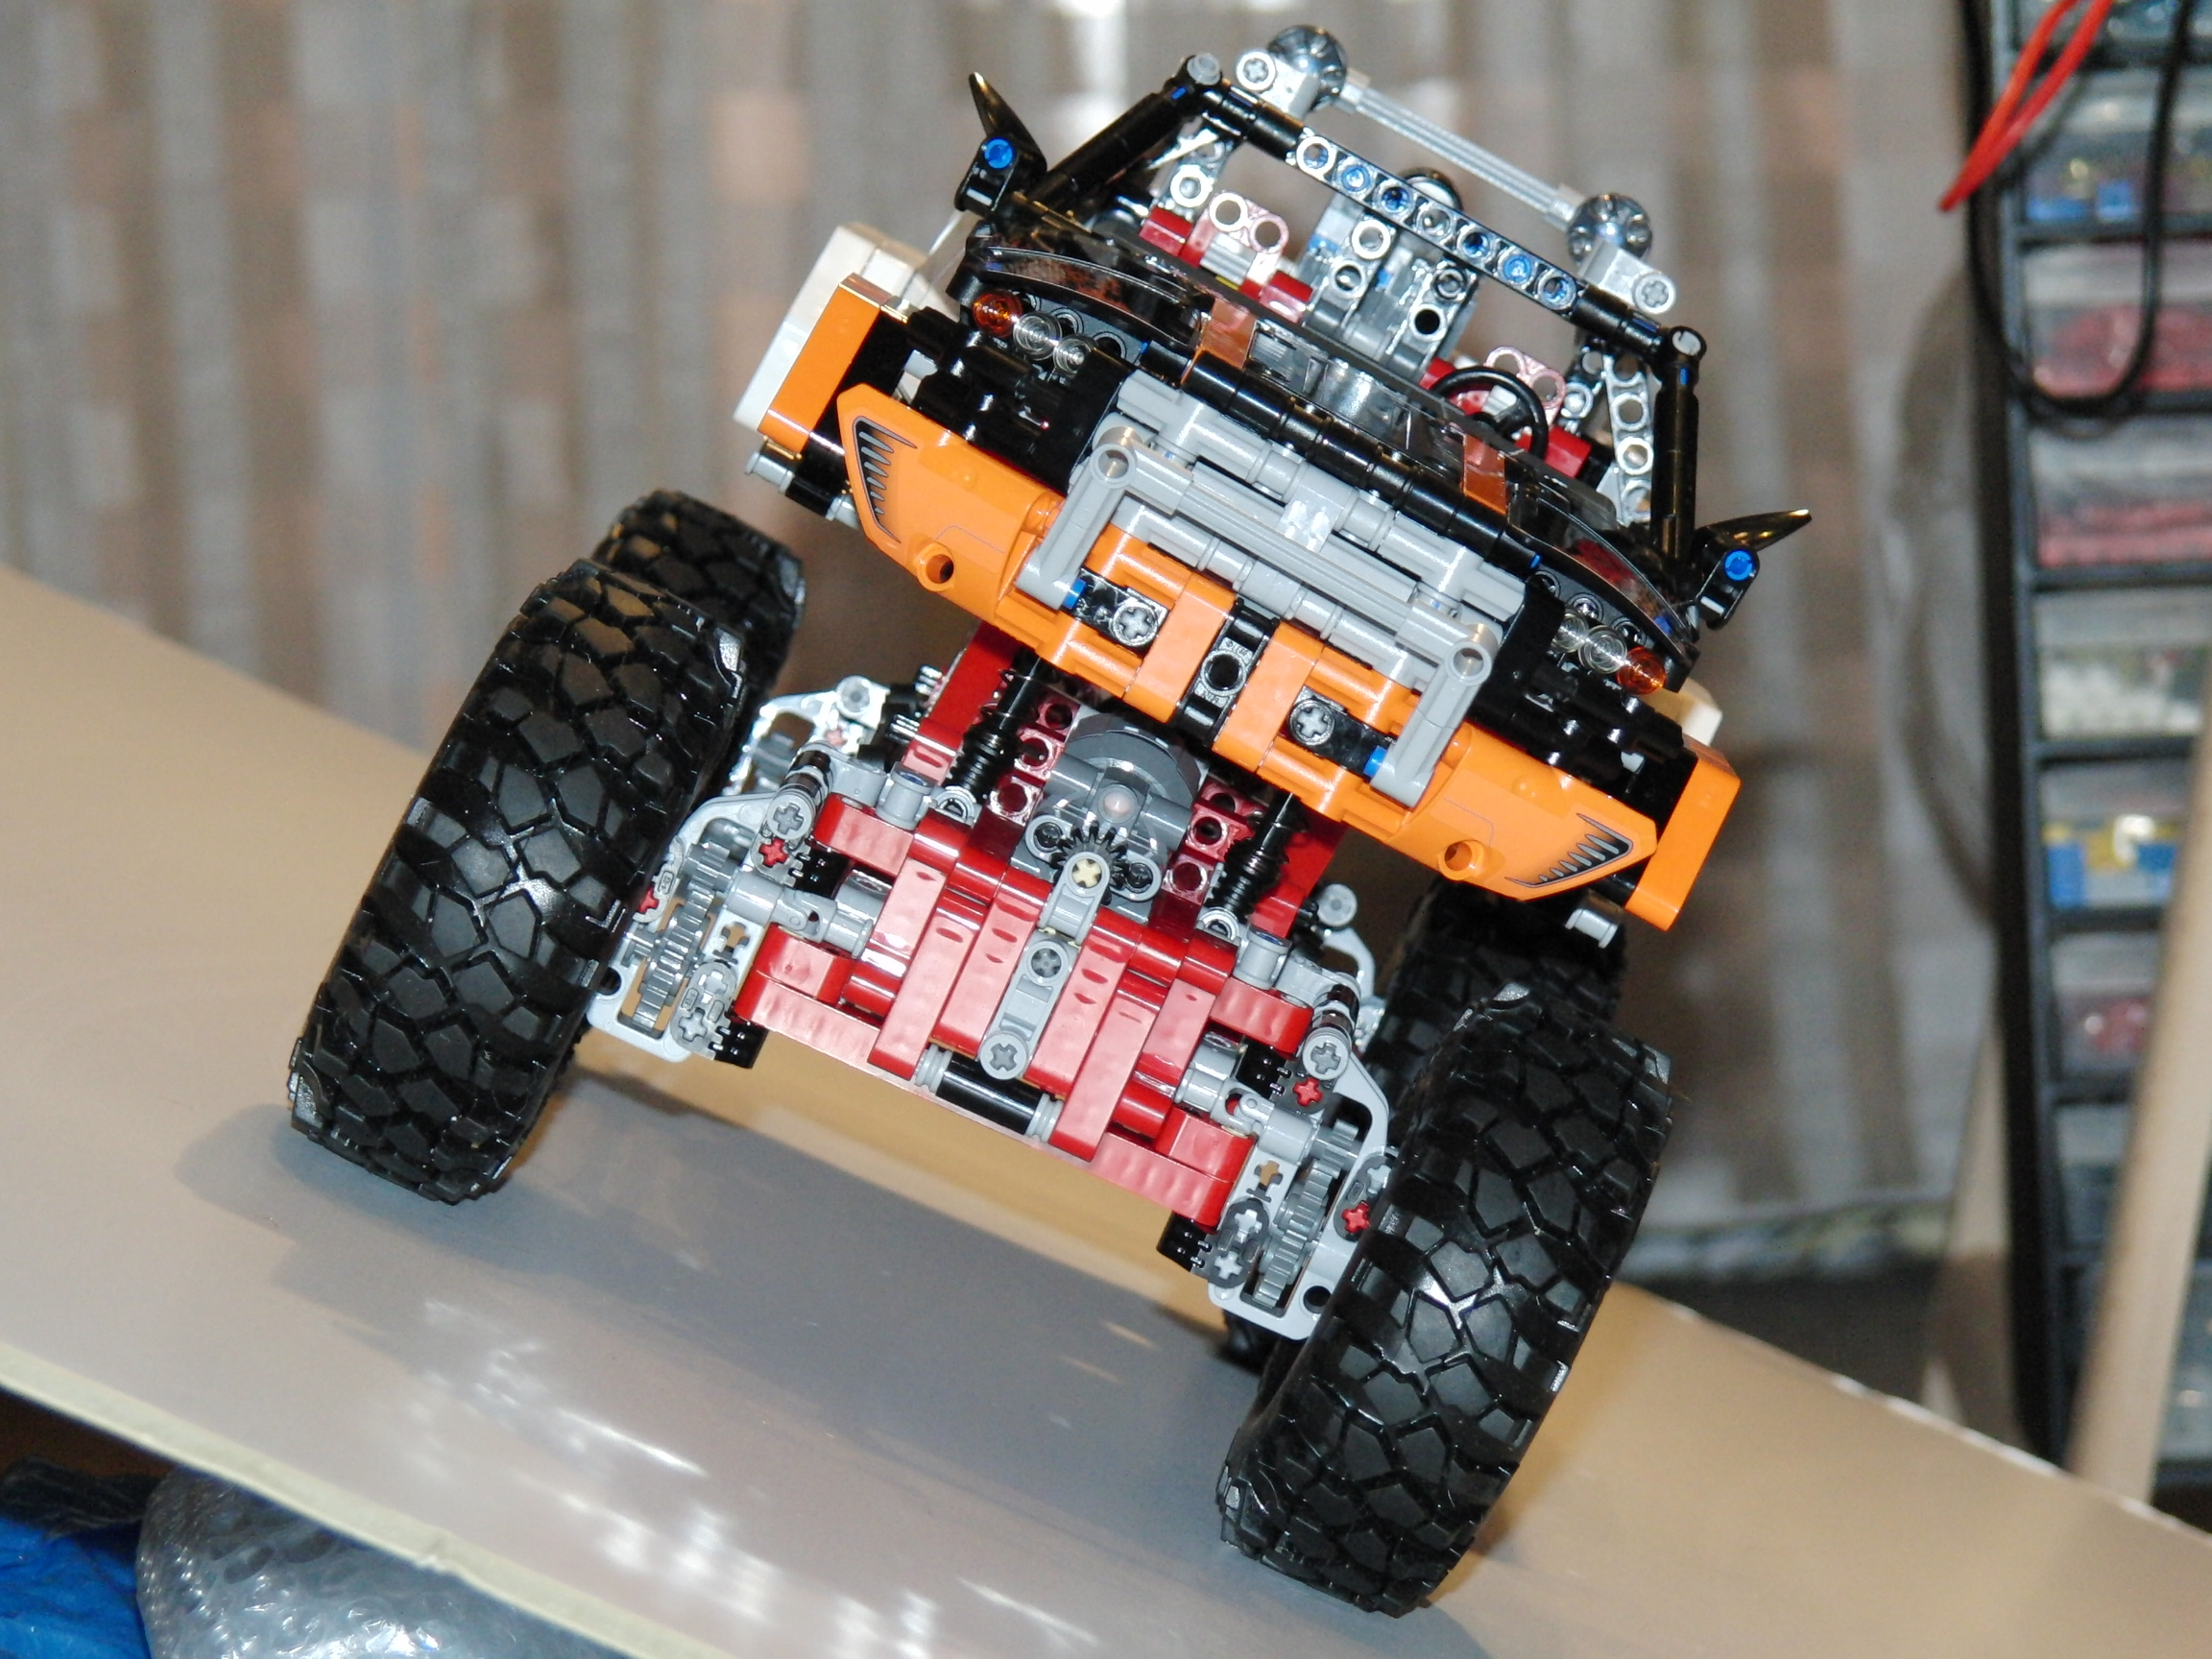 Lego Nxt Modification Lego 9398 4x4 Crawler Mod Outdoor